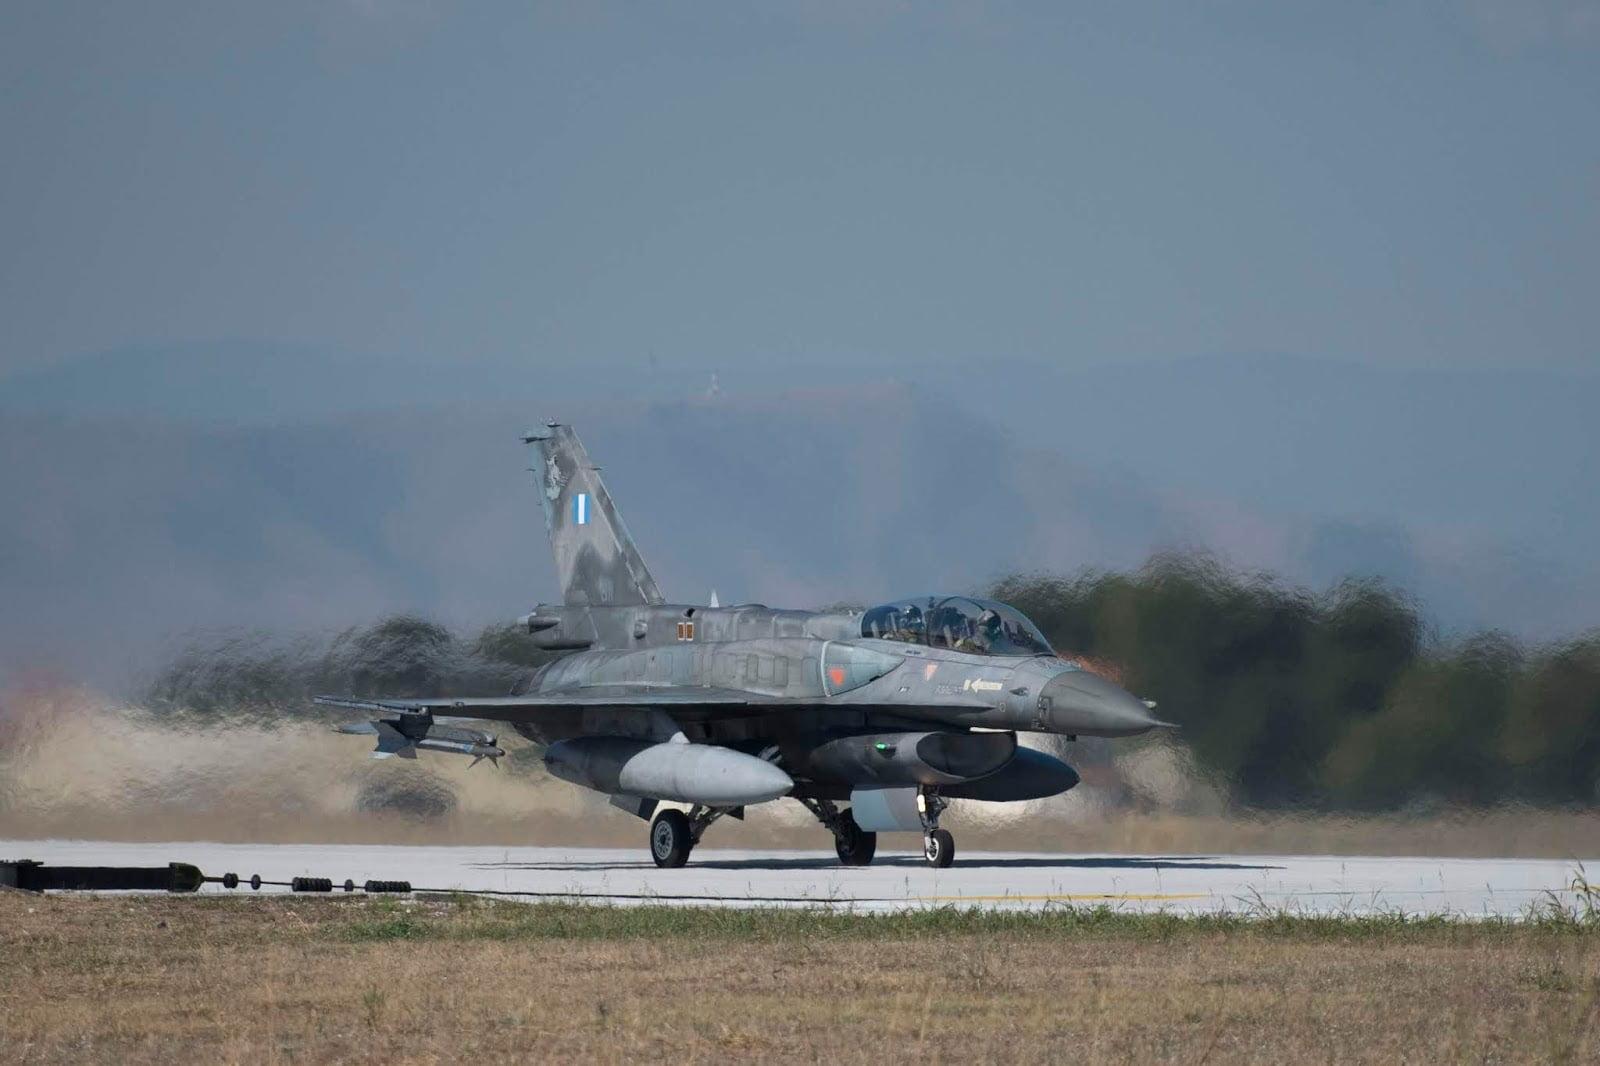 Στρατηγικό «τρίγωνο» Ελλάδας-Αιγύπτου-Ισραήλ: Έλληνες και Ισραηλινοί πιλότοι σε σενάρια μάχης στον αέρα-Αιγύπτιοι κομάντος στην Κρήτη